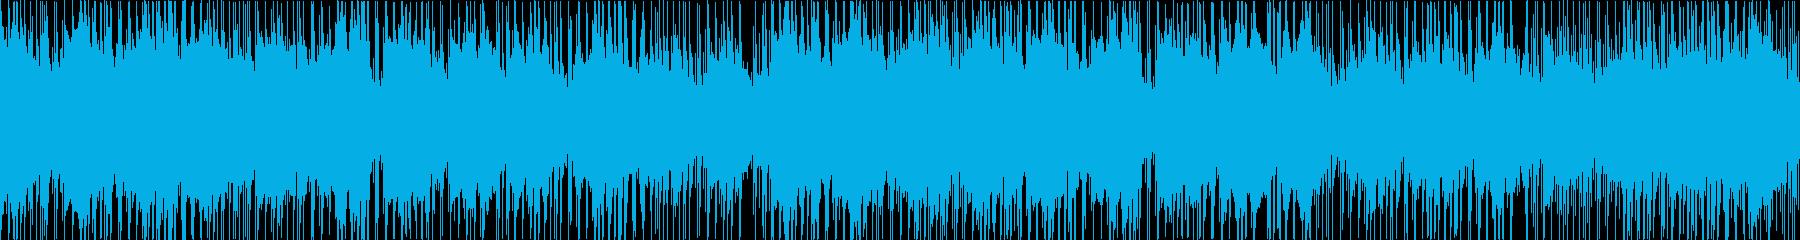 しっとり和風のR&B ループ版の再生済みの波形